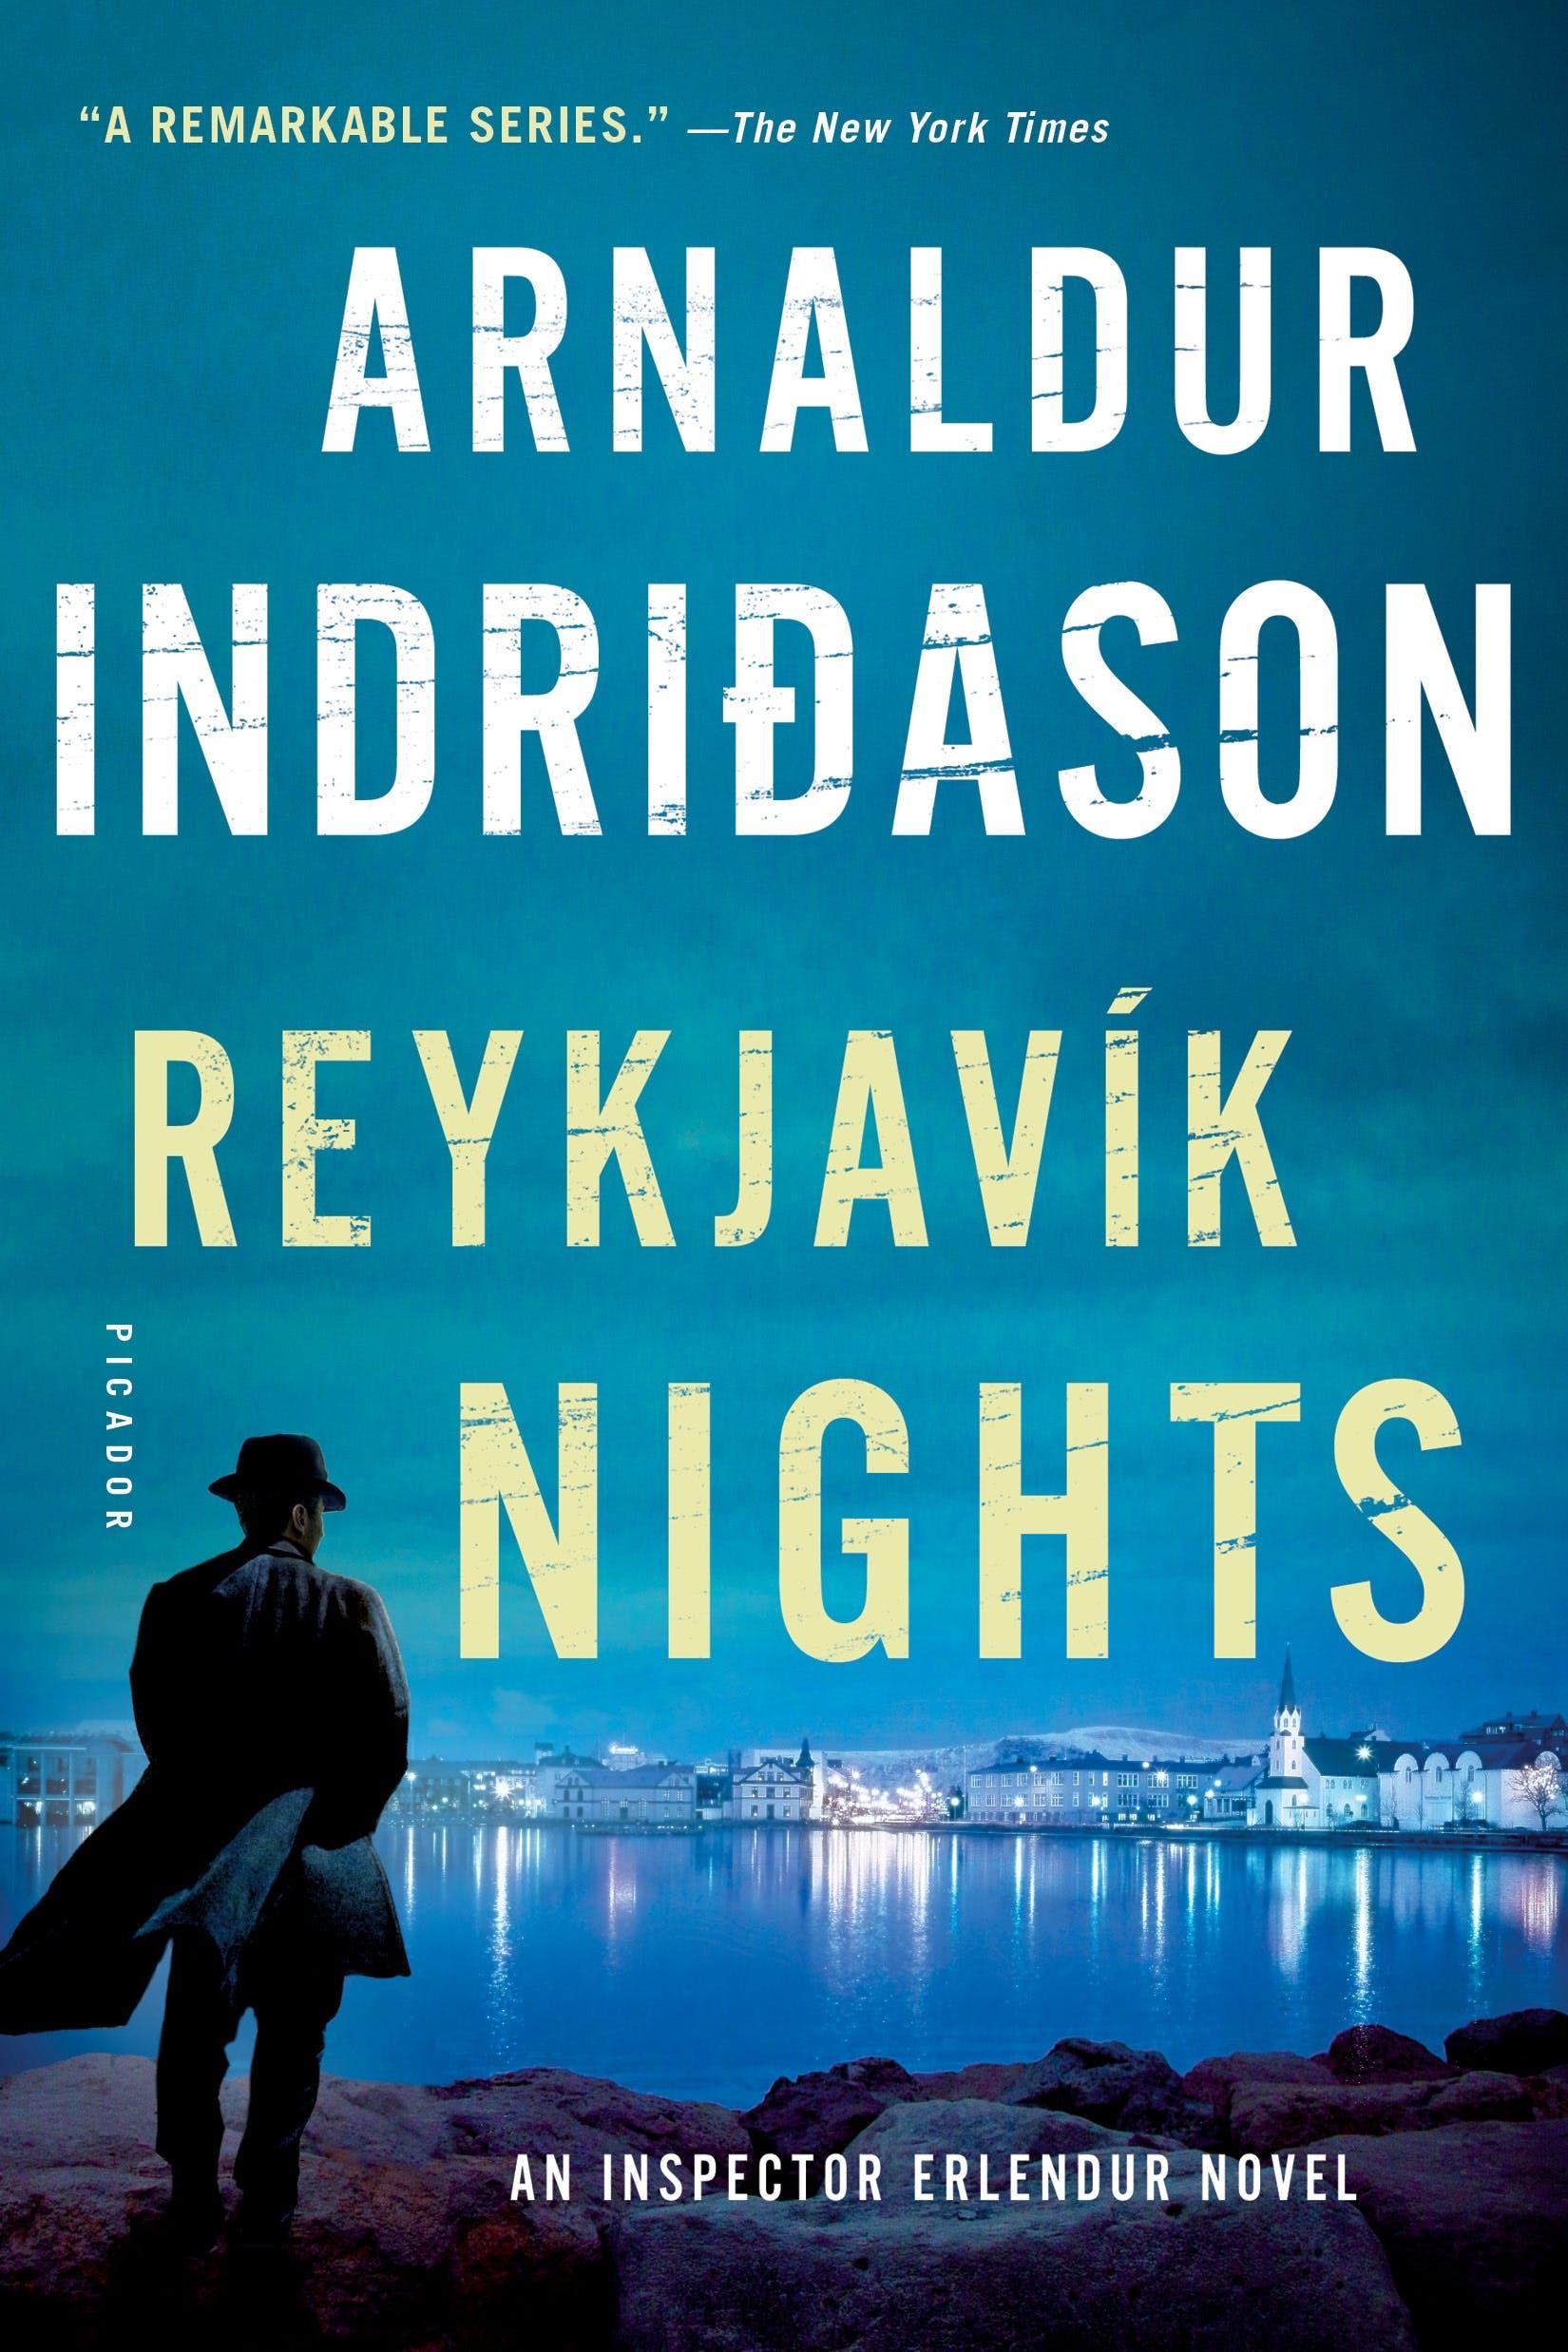 Image of Reykjavik Nights